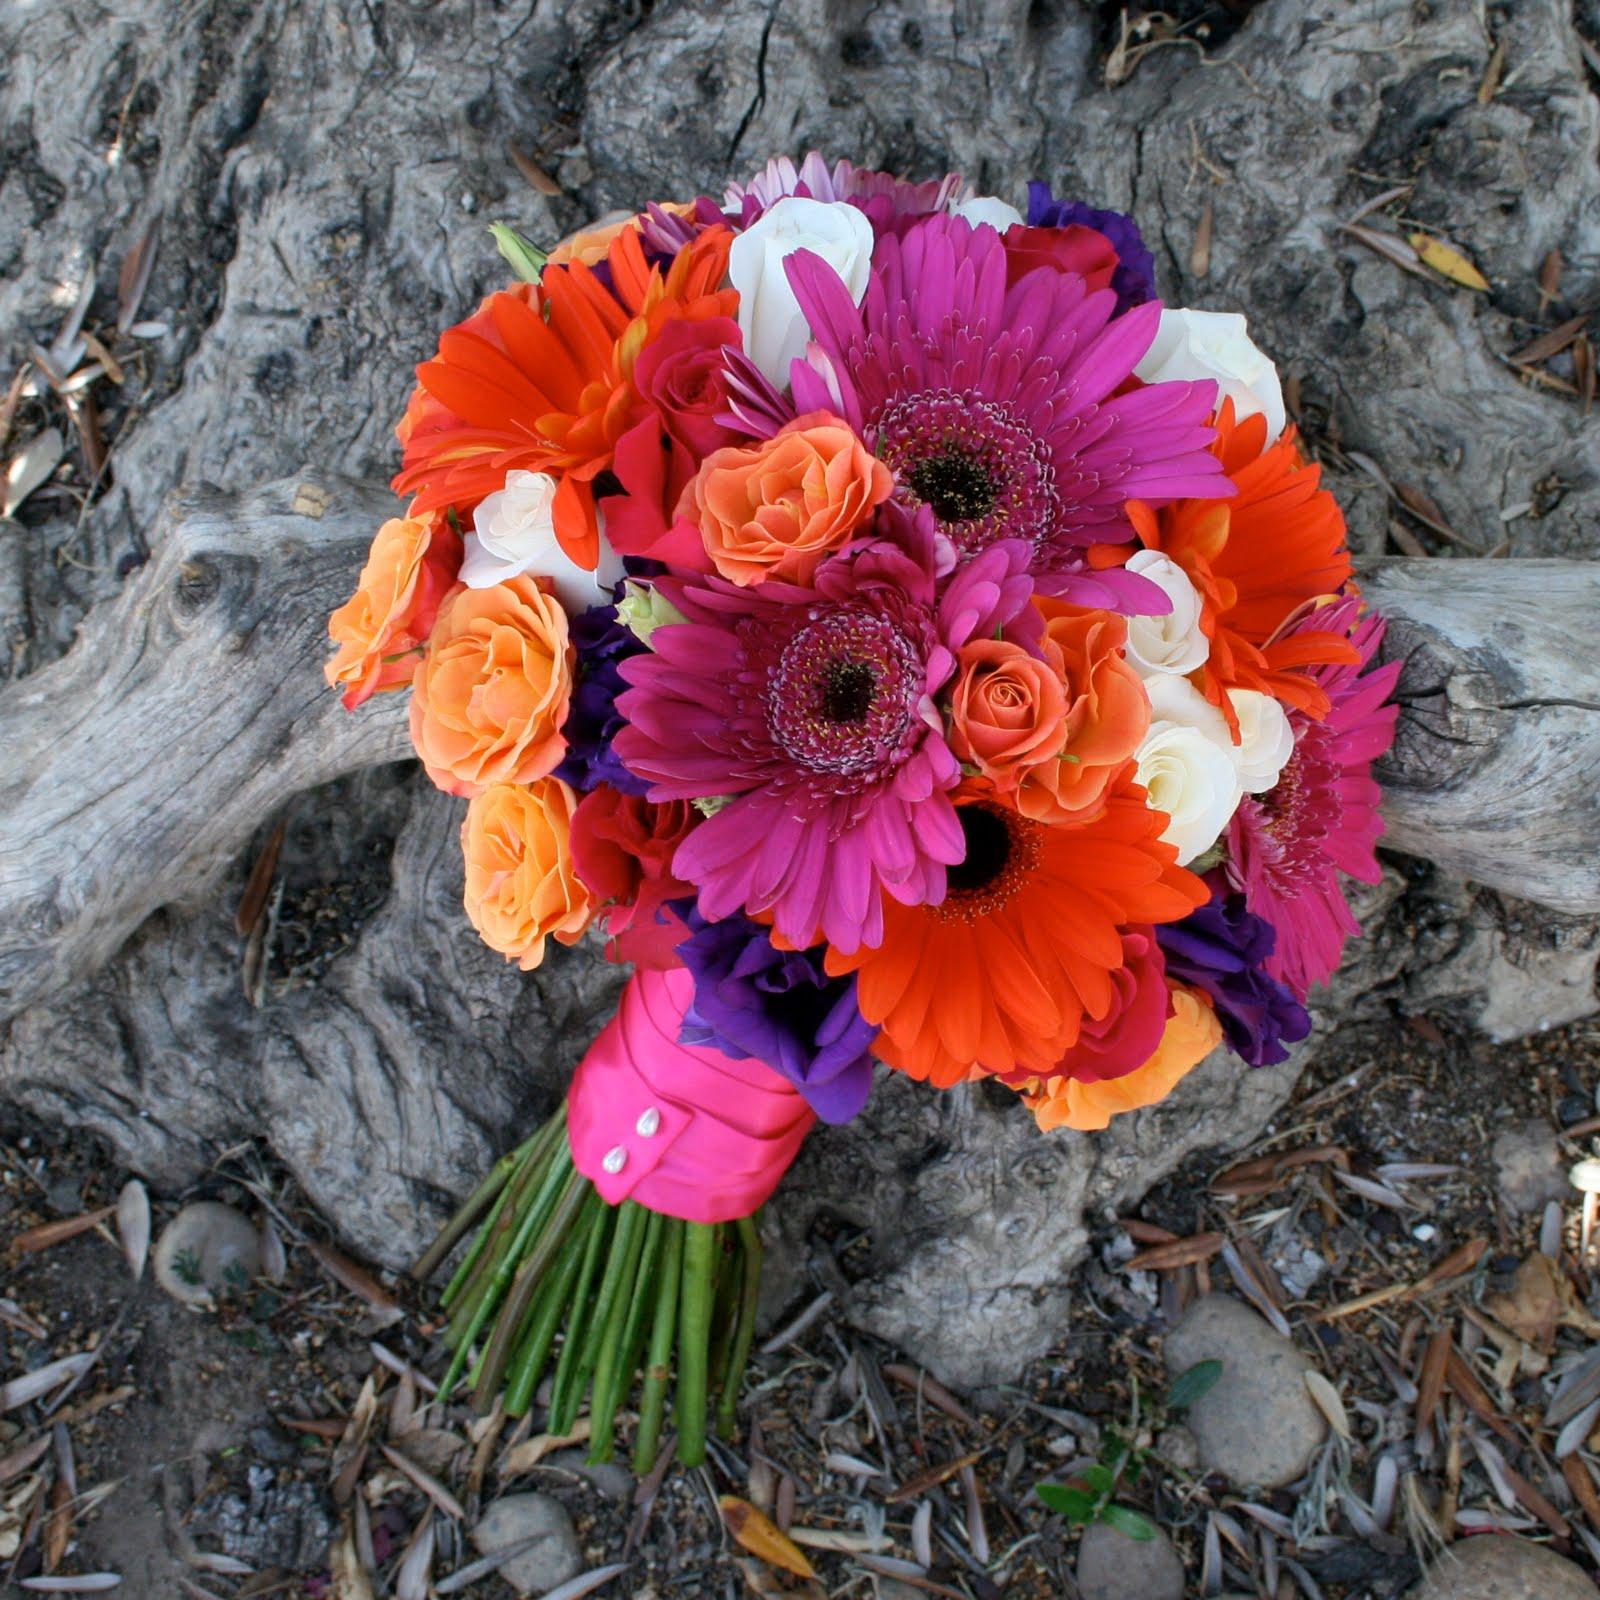 June Wedding Flowers: Brown Bunny Flowers: June 25, 2010